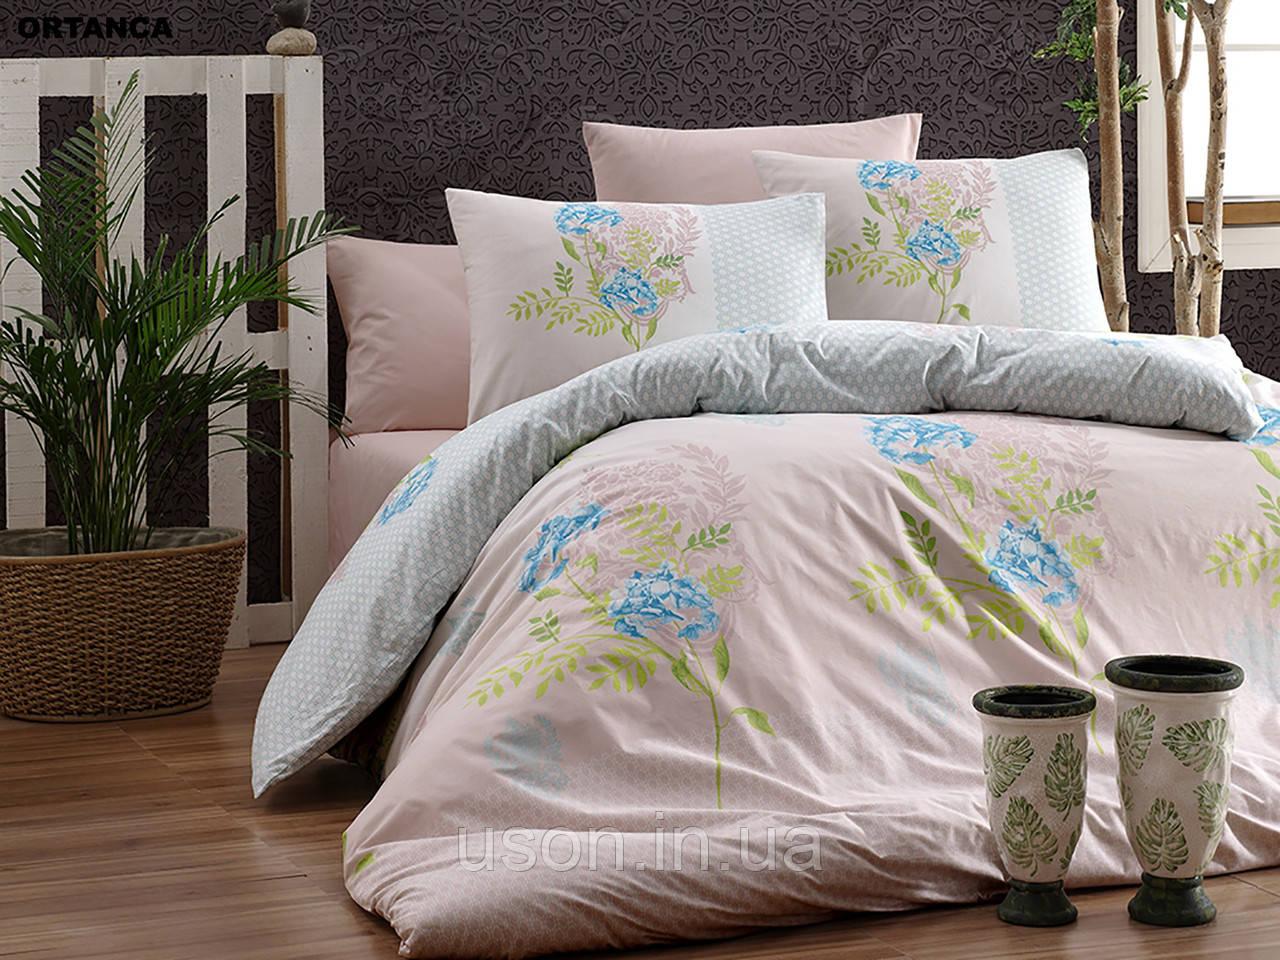 Комплект постельного белья TM First Choice ранфорс  Ortanca